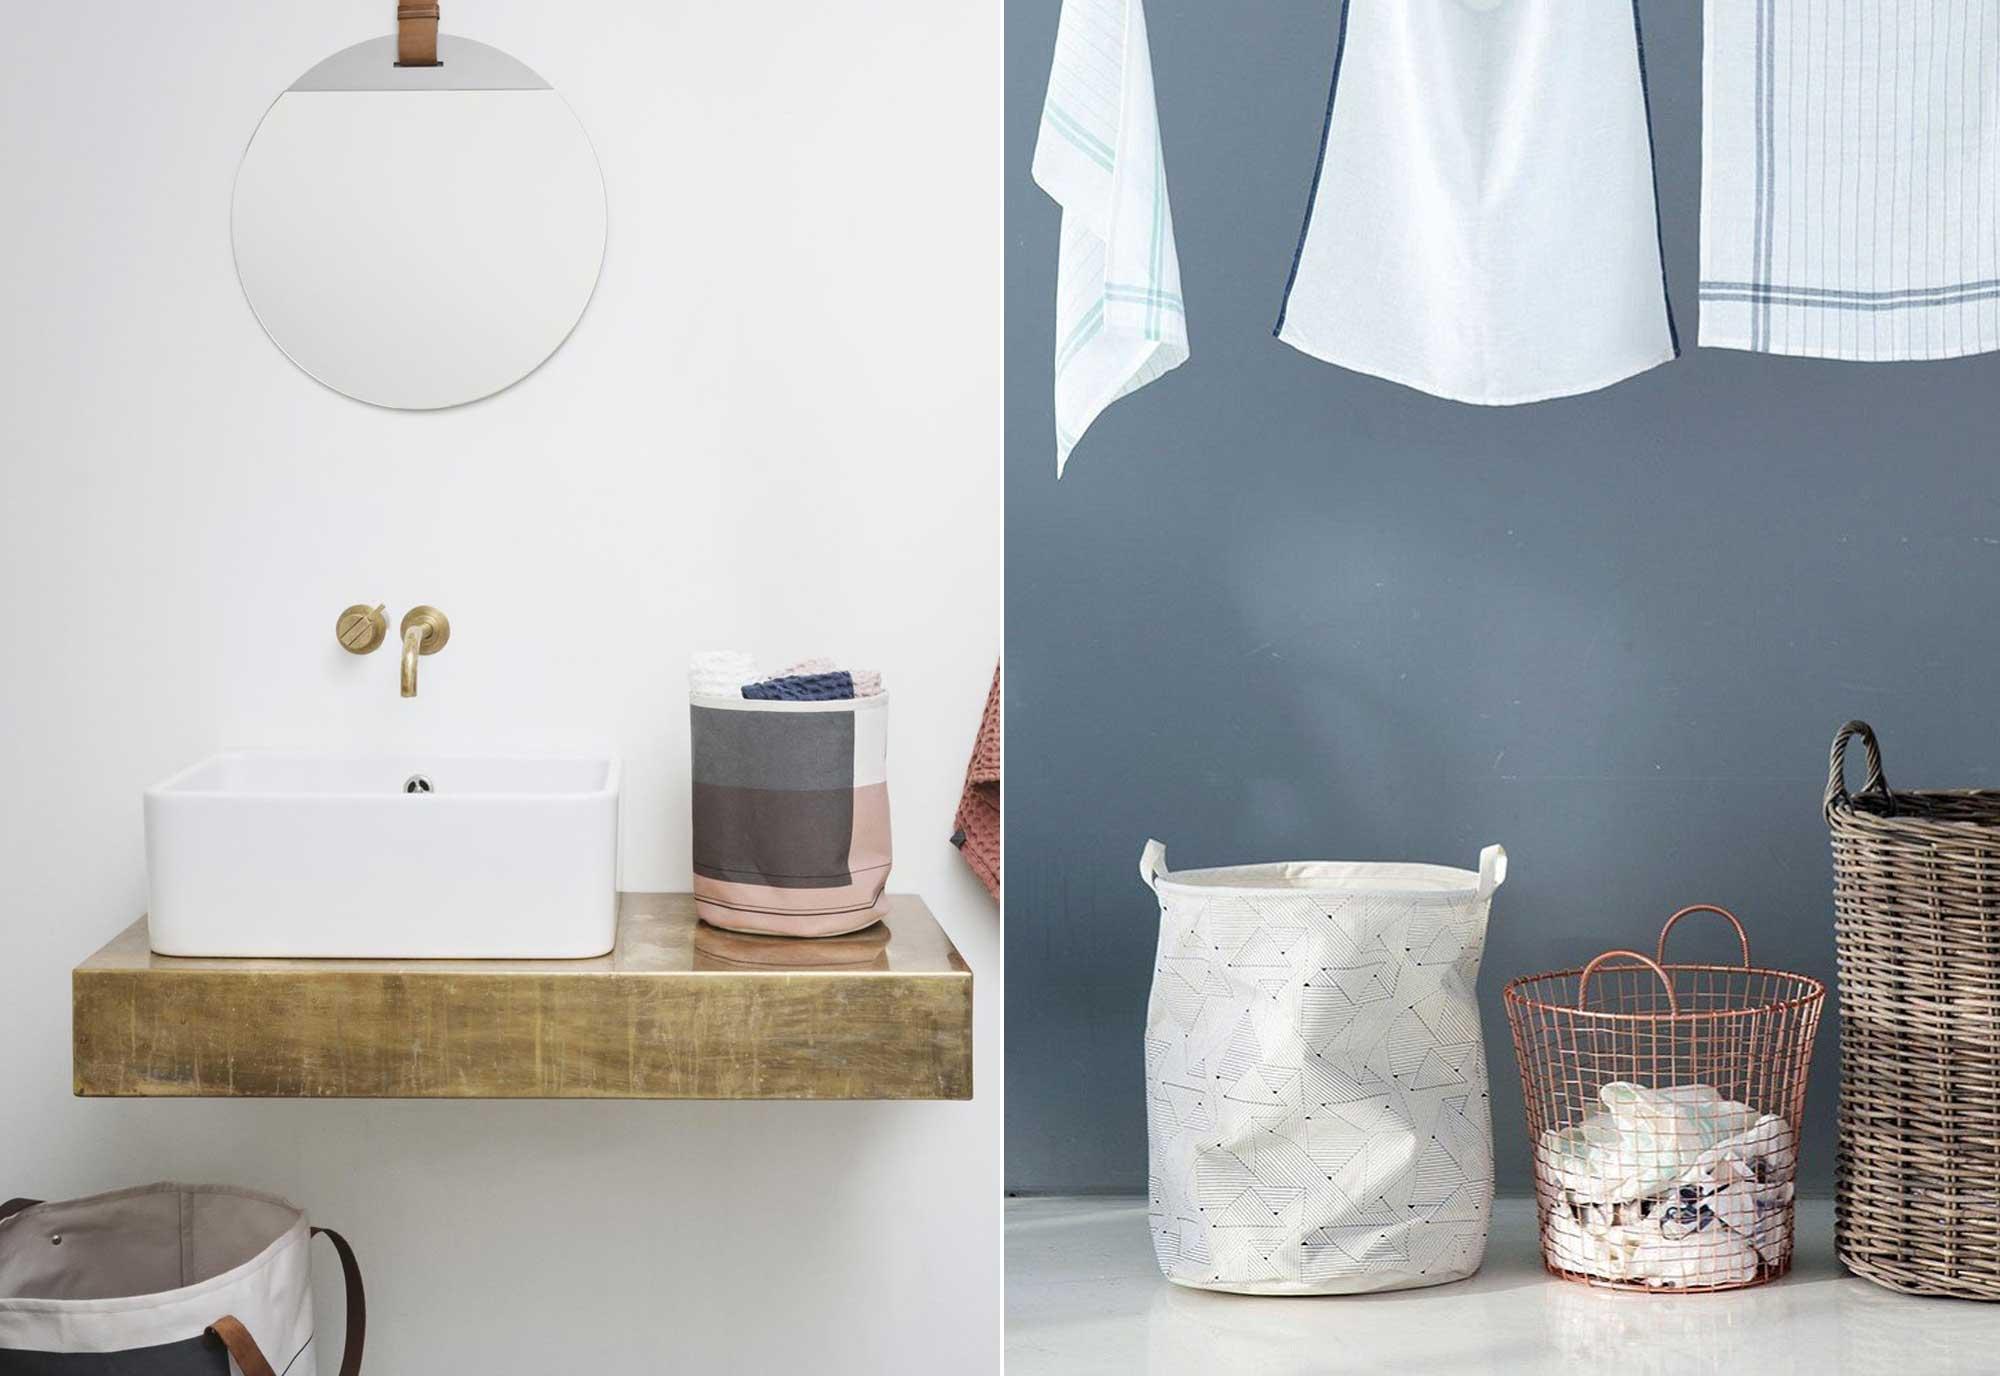 Wasmand - Wastafel - Handdoeken - Musthaves voor een mooie badkamer